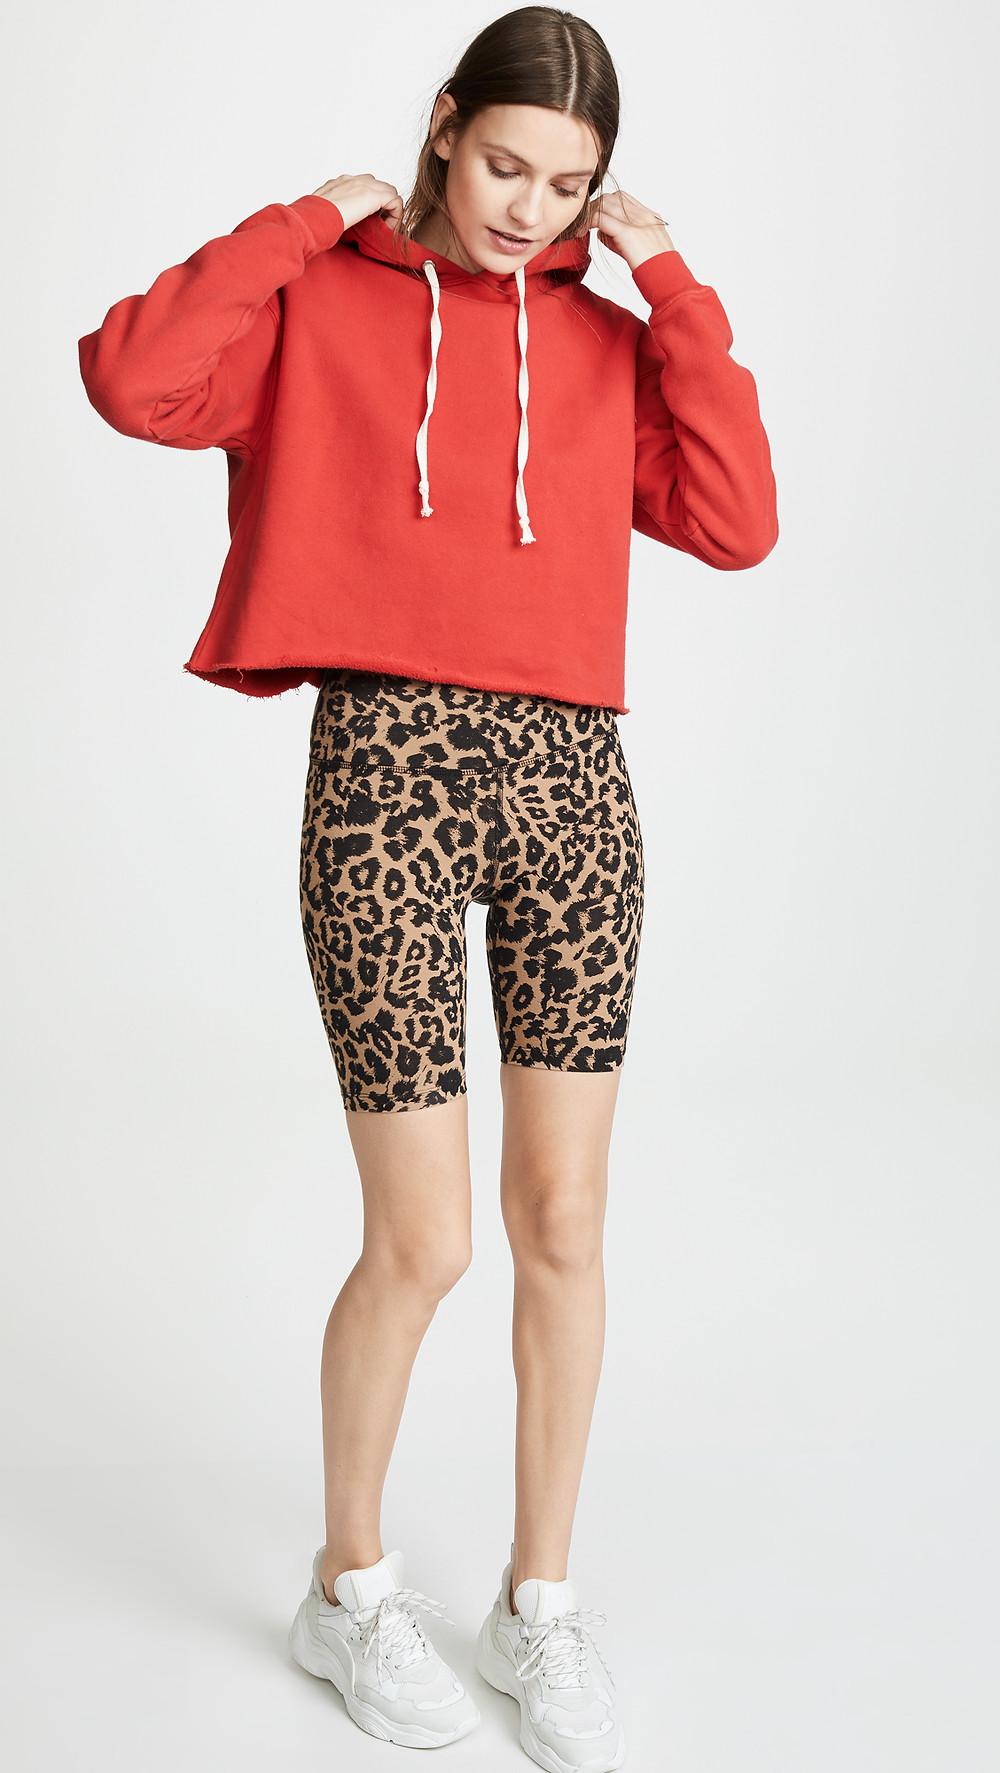 LNA Leopard Bike Shorts $80